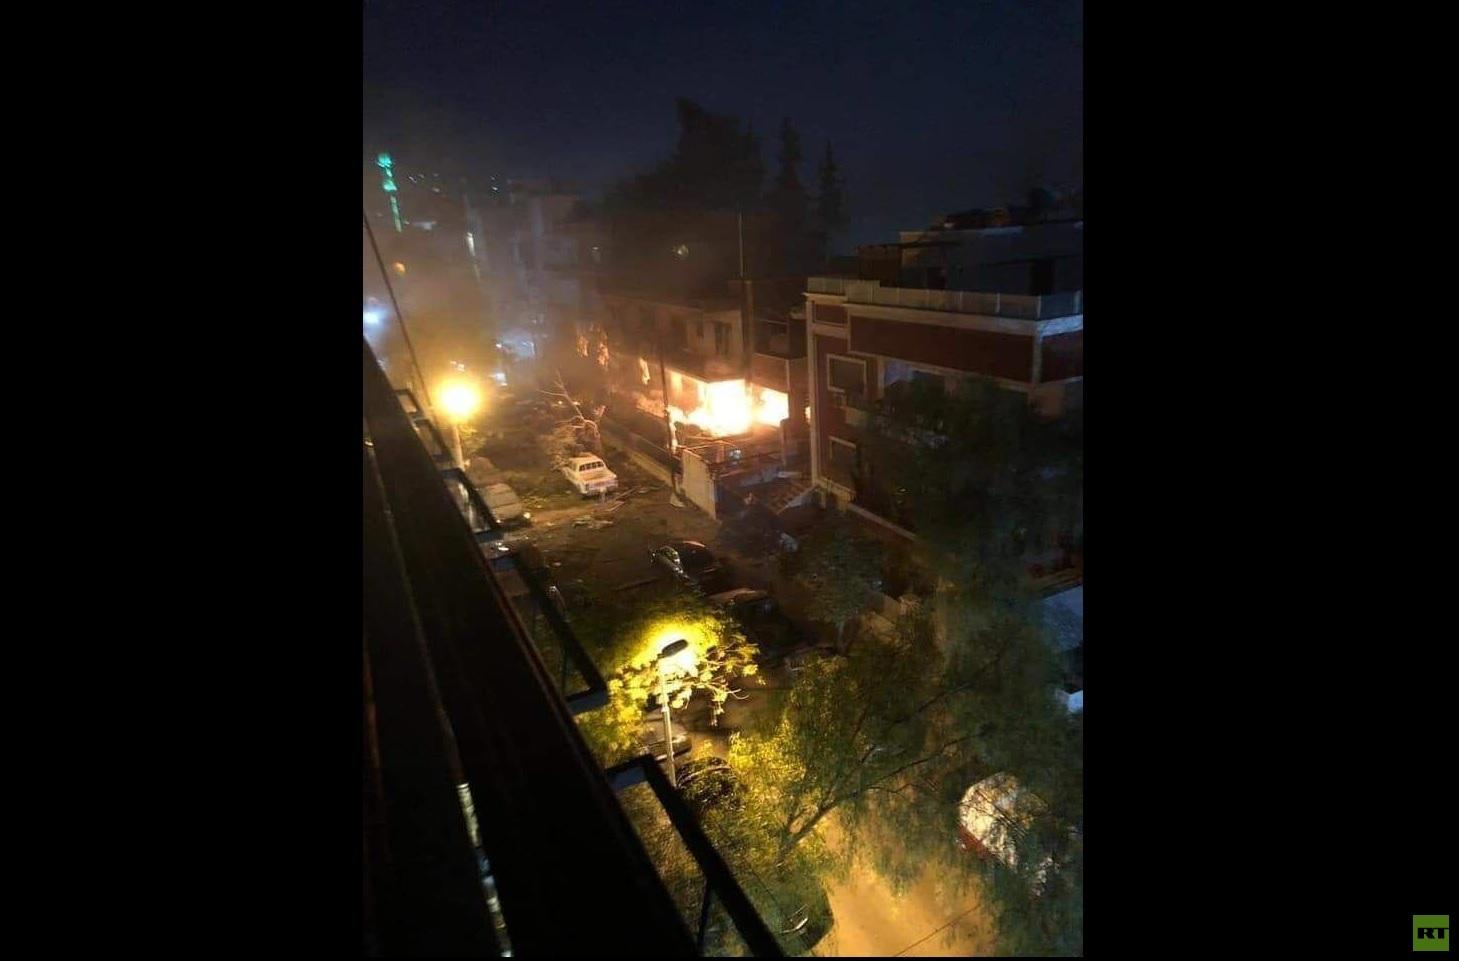 قتلى وجرحى بغارة إسرائيلية استهدفت مبنى مدنيا في دمشق